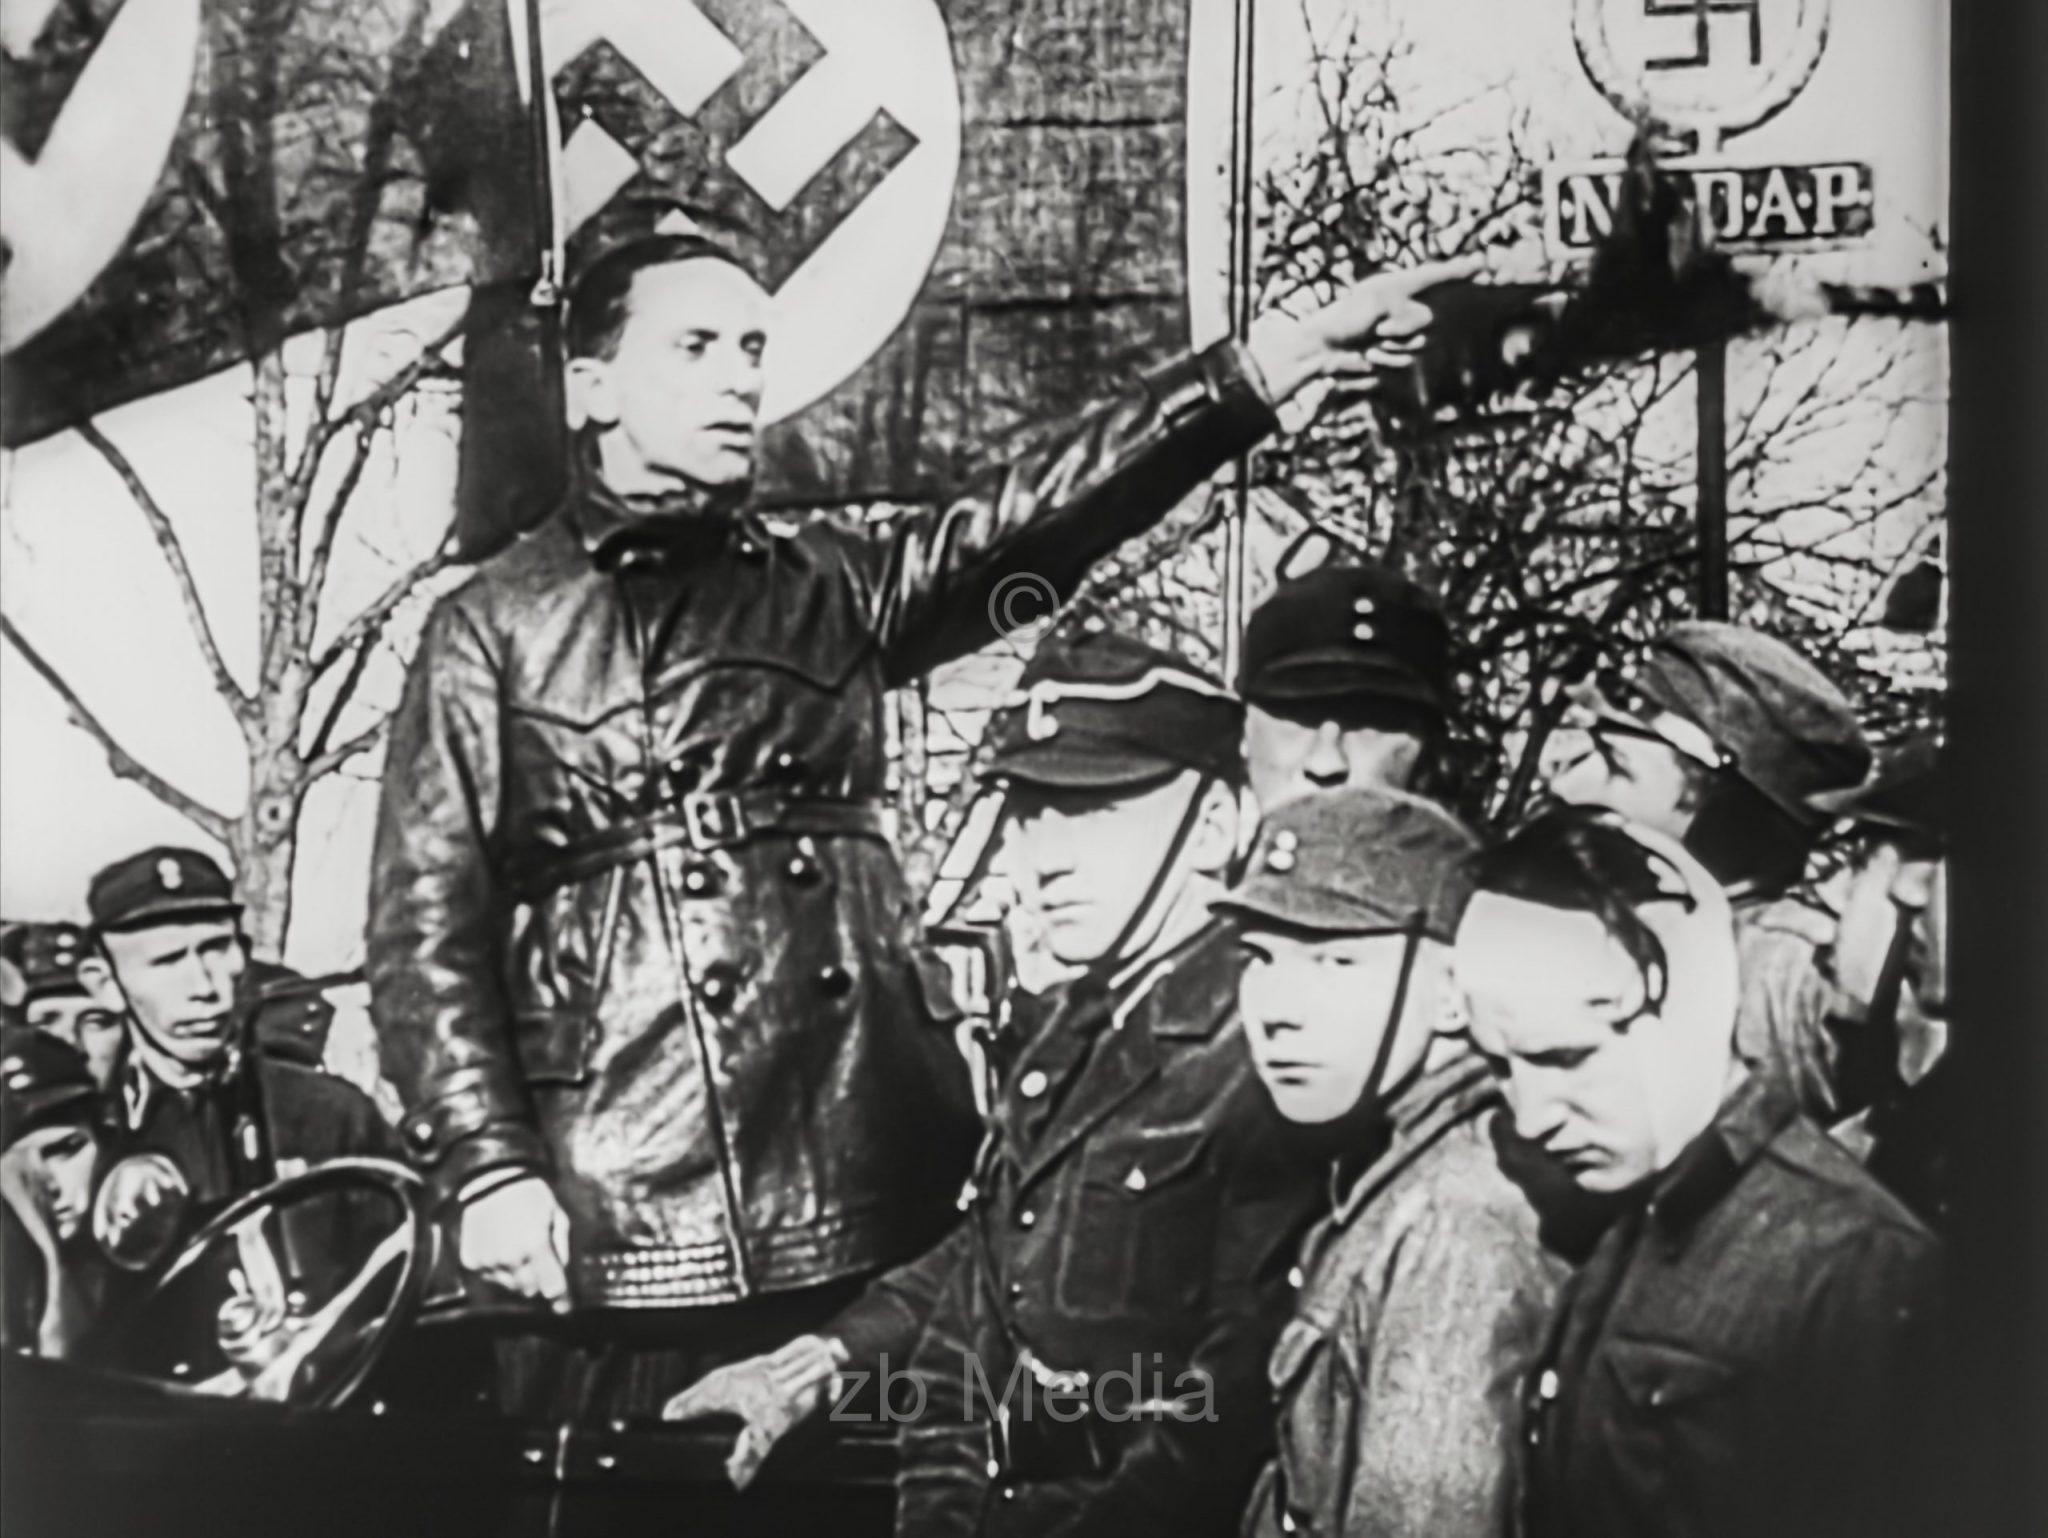 Nazi Party Berlin 1930,Goebbels